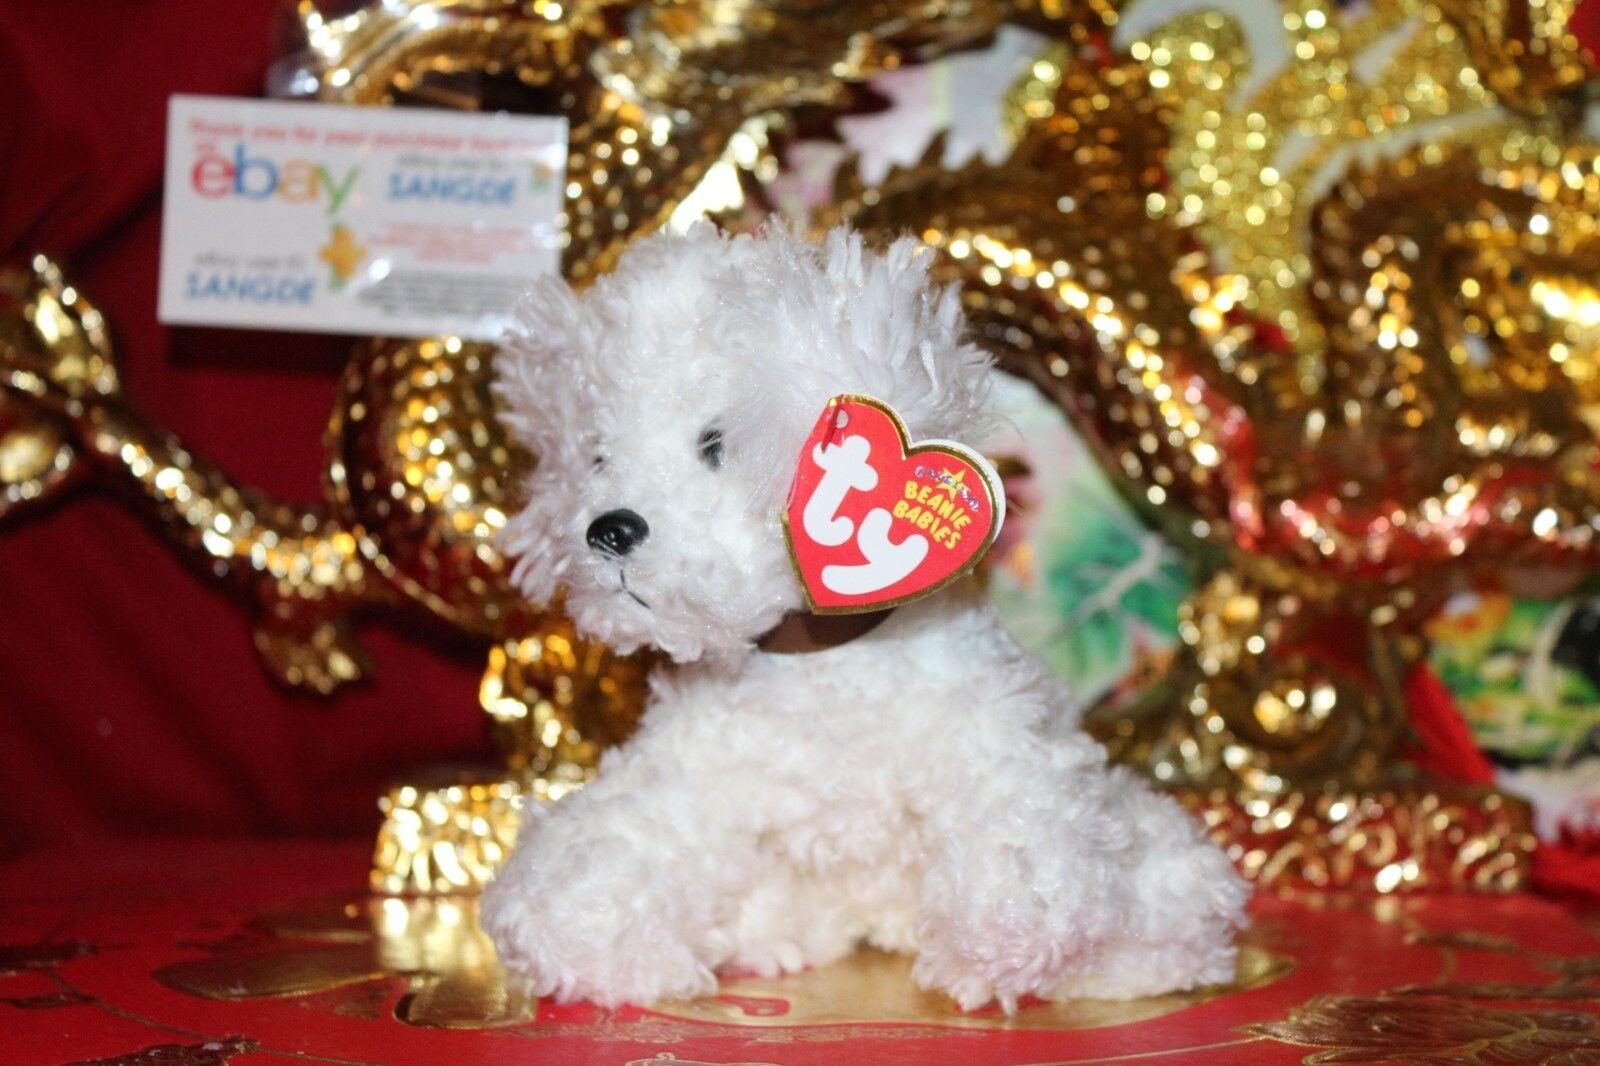 Ty beanie baby lollipup der bichon frise puppy-6  - mwnmt-2005 release-nice geschenk